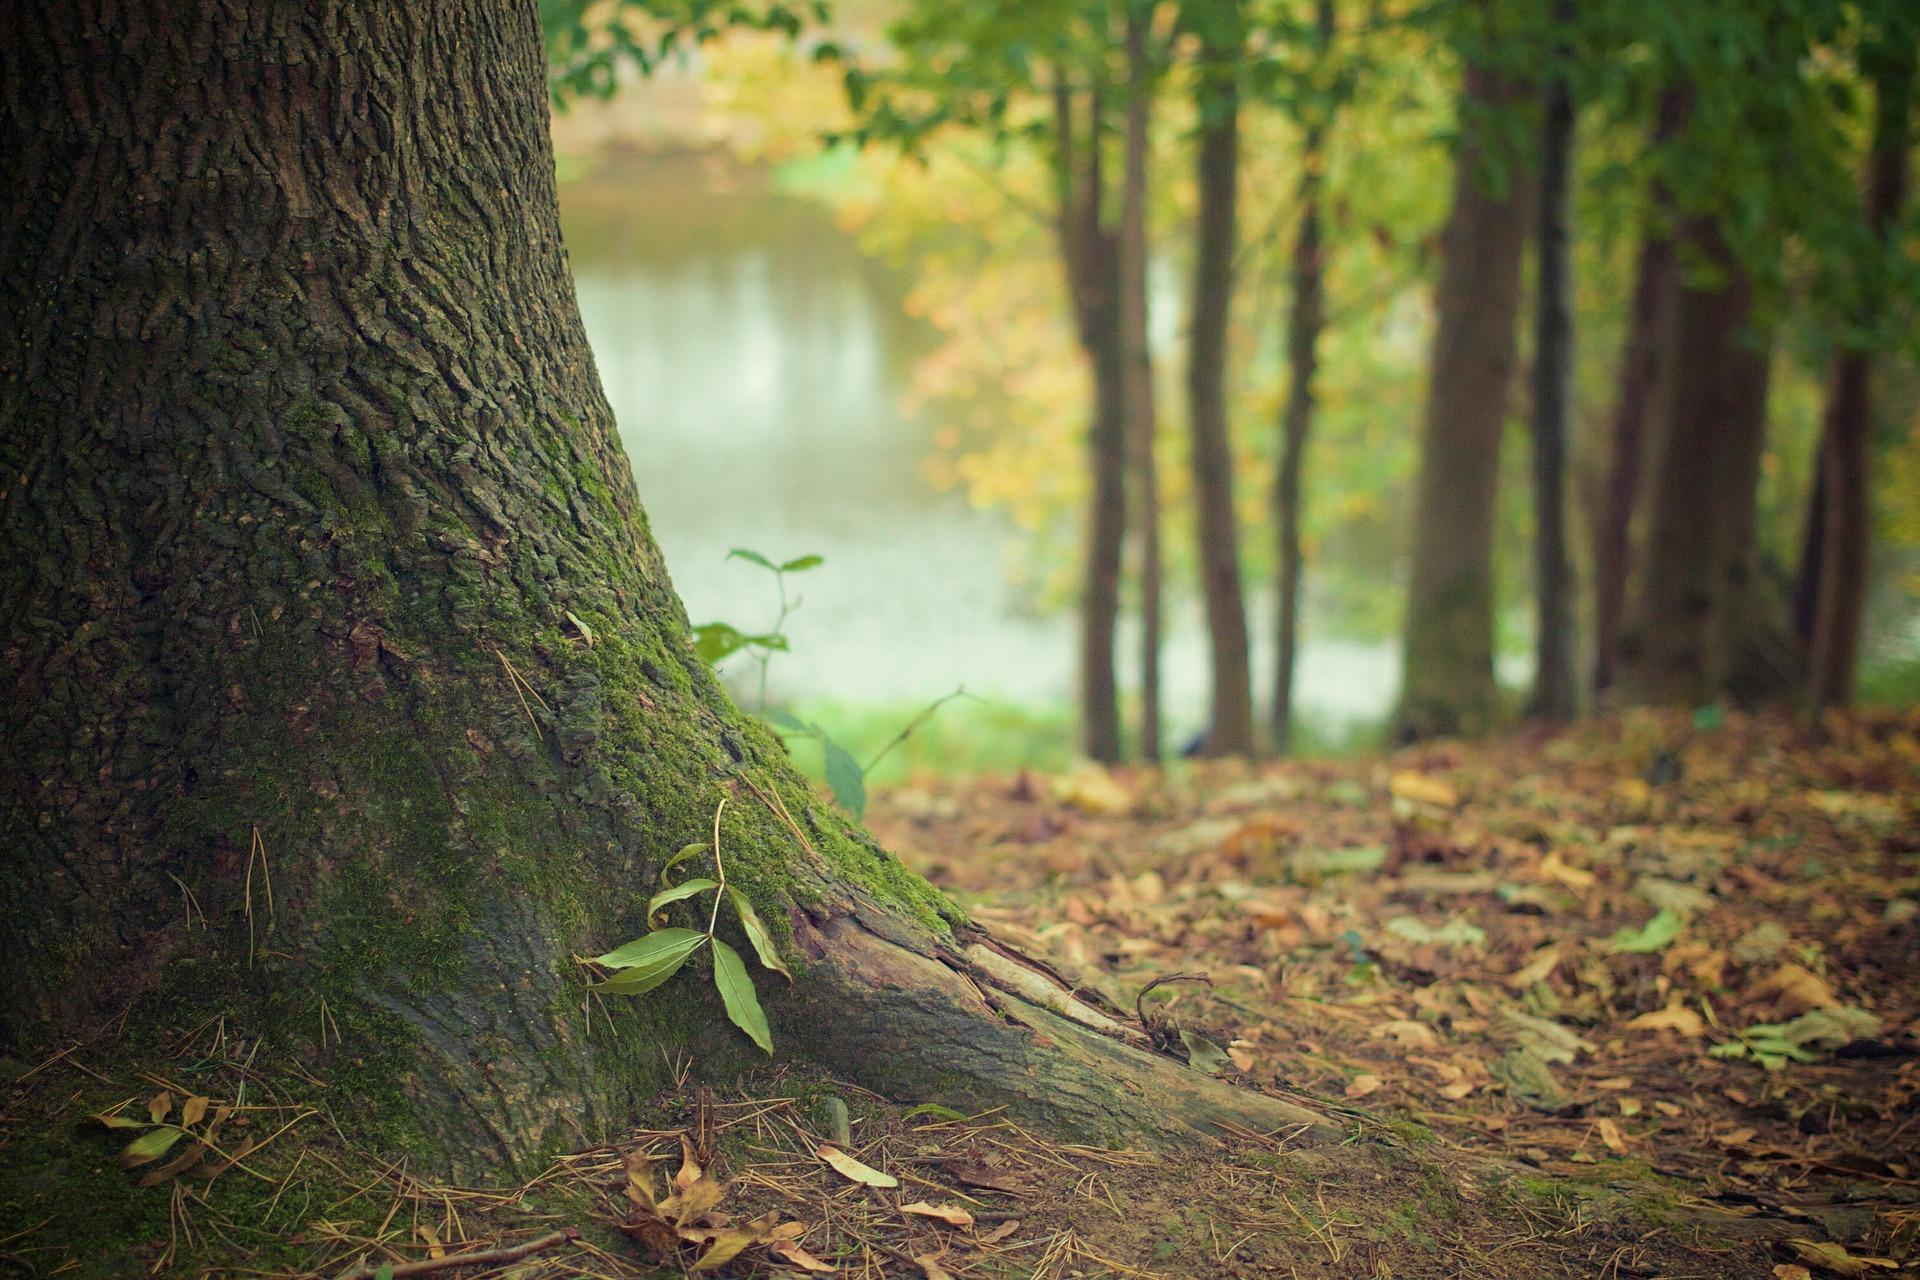 Waldbestattung: Weg in einem Bestattungswald